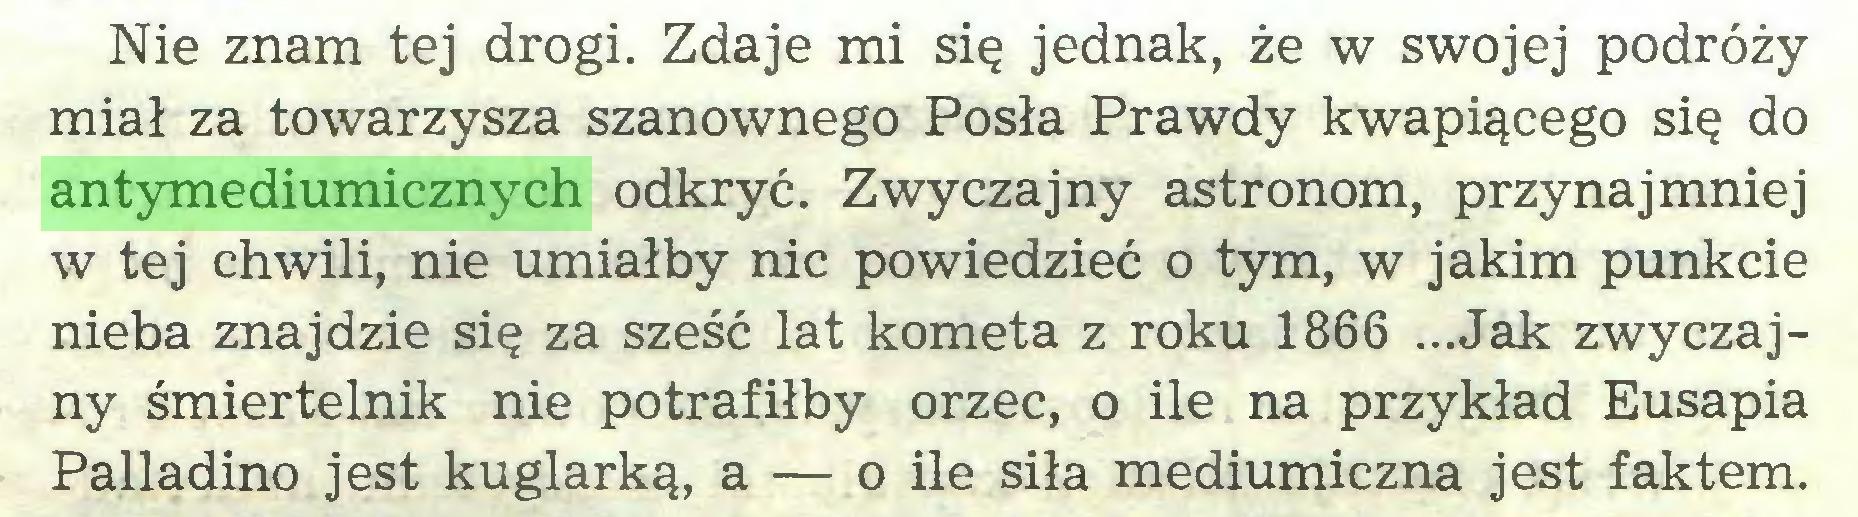 (...) Nie znam tej drogi. Zdaje mi się jednak, że w swojej podróży miał za towarzysza szanownego Posła Prawdy kwapiącego się do antymediumicznych odkryć. Zwyczajny astronom, przynajmniej w tej chwili, nie umiałby nic powiedzieć o tym, w jakim punkcie nieba znajdzie się za sześć lat kometa z roku 1866 ...Jak zwyczajny śmiertelnik nie potrafiłby orzec, o ile na przykład Eusapia Palladino jest kuglarką, a — o ile siła mediumiczna jest faktem...